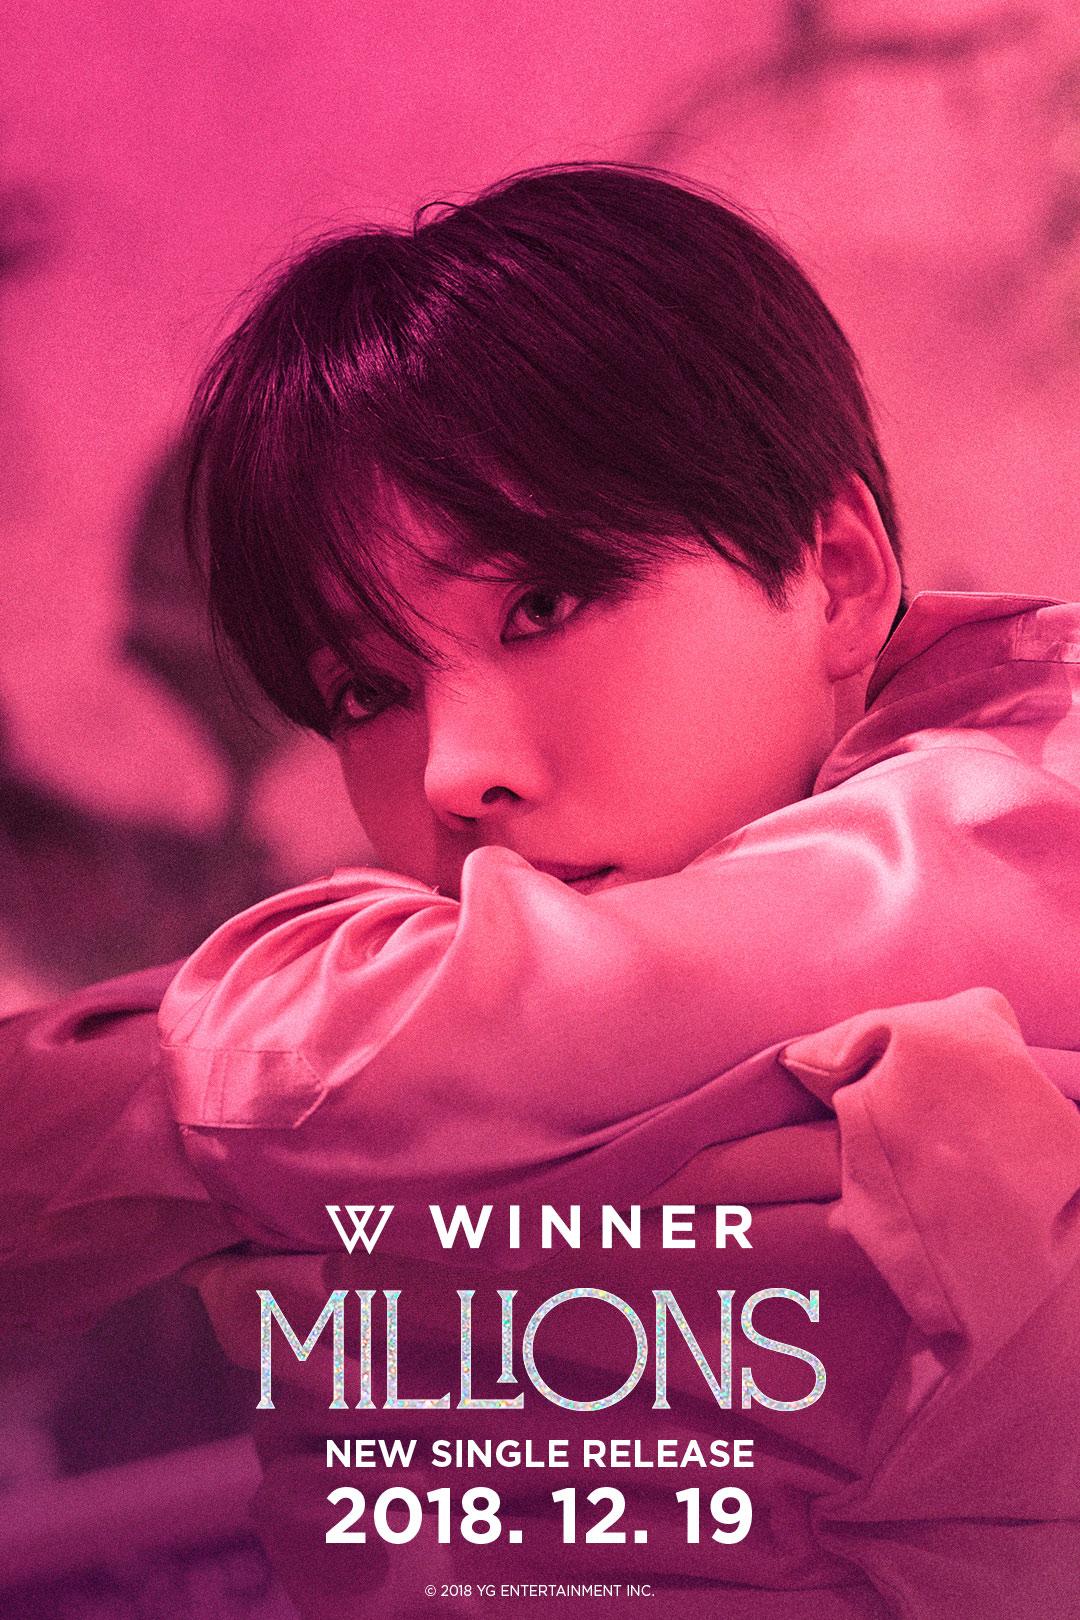 WINNER_MILLIONS_JINU